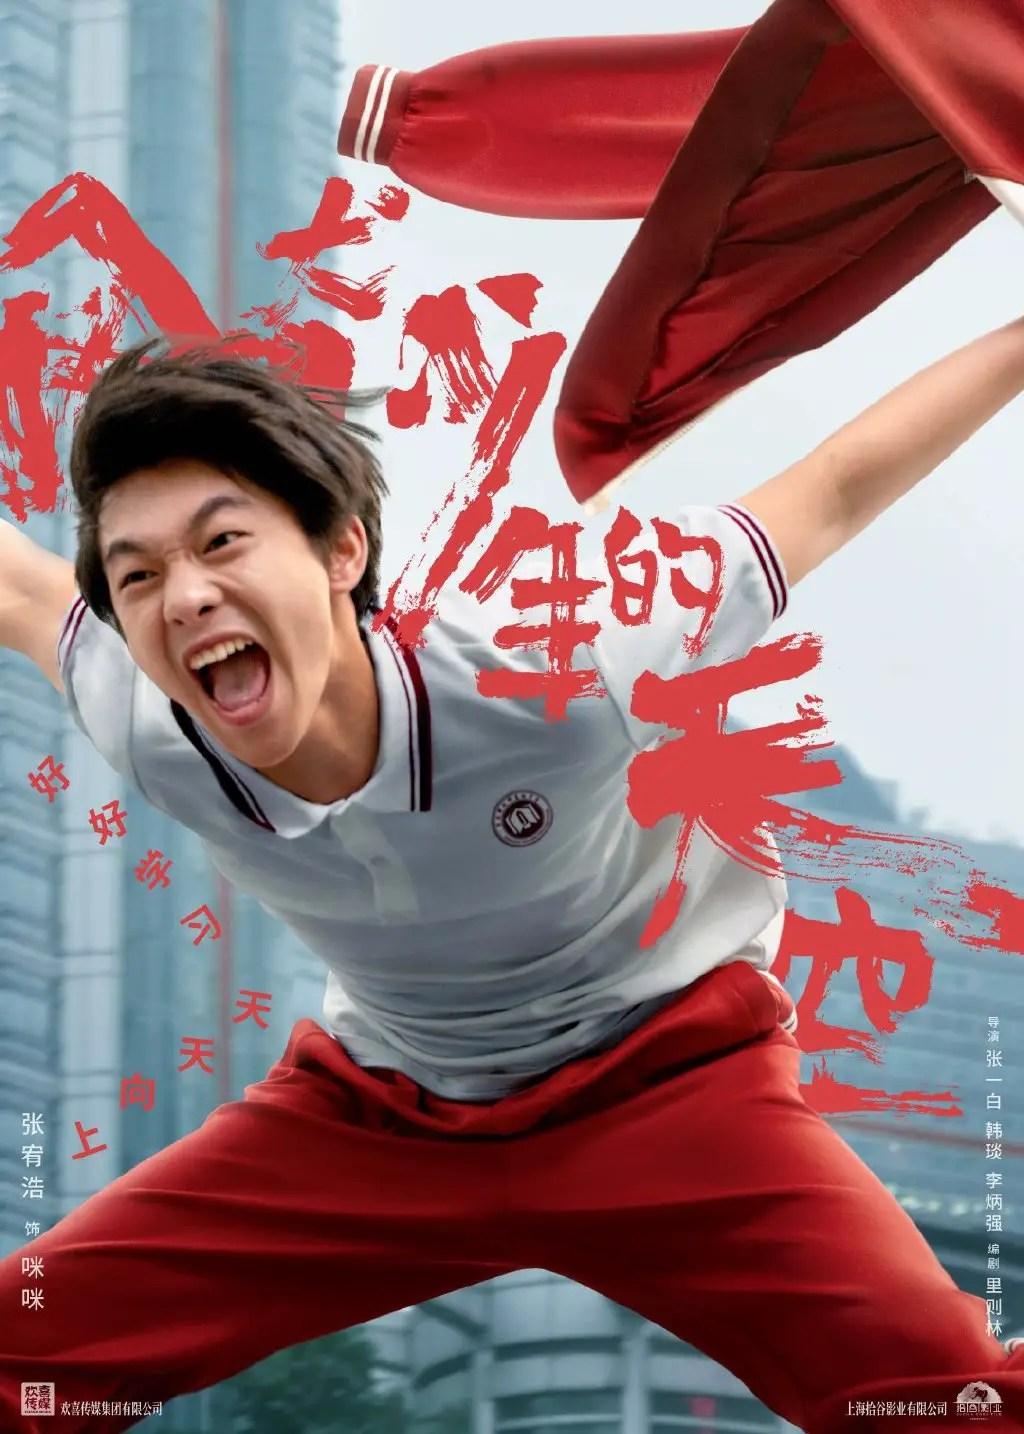 Zhang You Hao